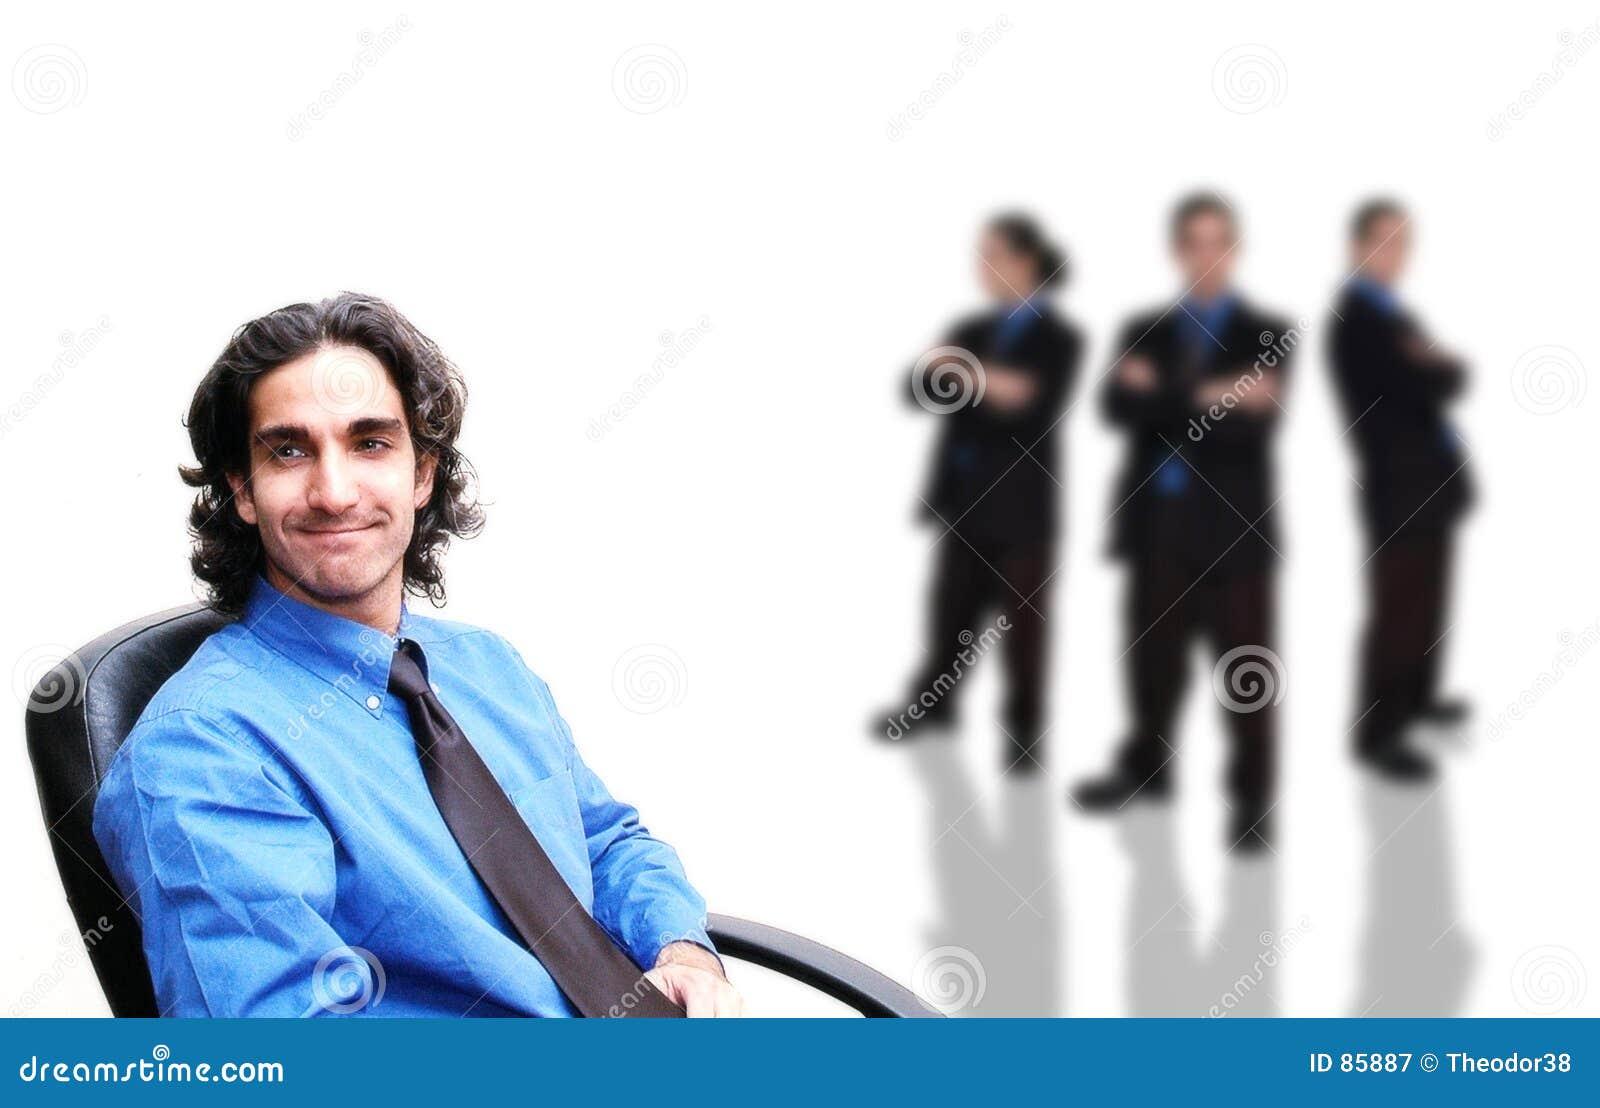 ομάδα 5 επιχειρήσεων